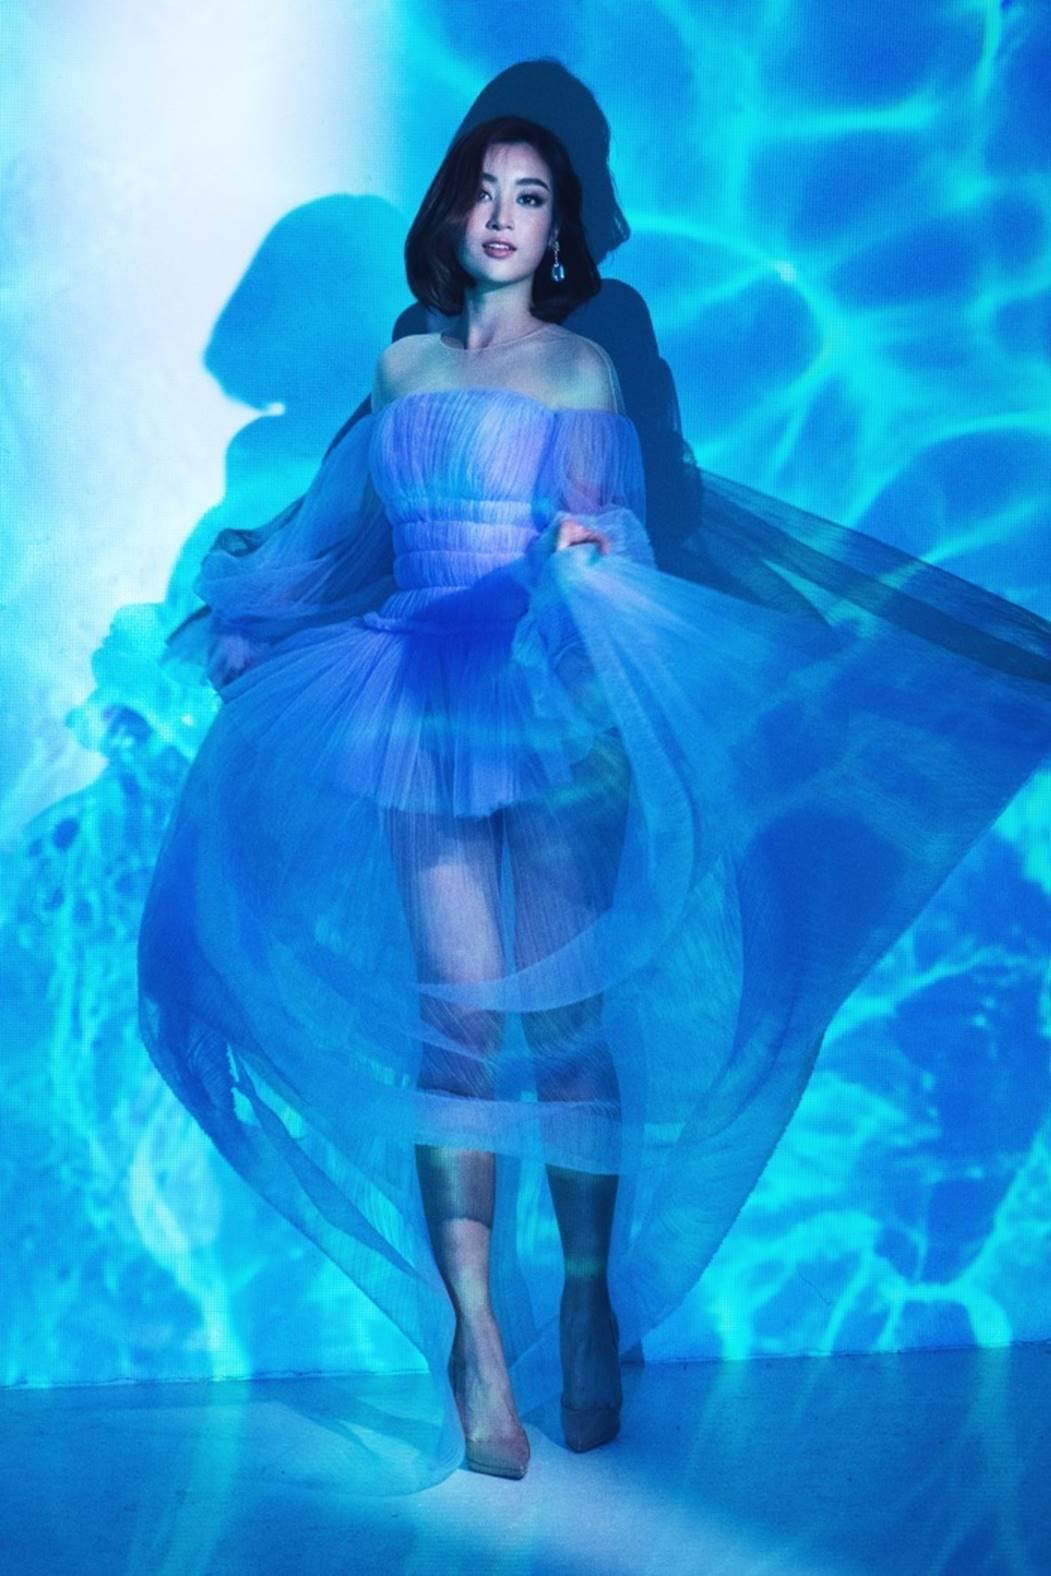 Đỗ Mỹ Linh, Tiểu Vy đẹp mê hoặc trong hình tượng nữ thần biển cả-4